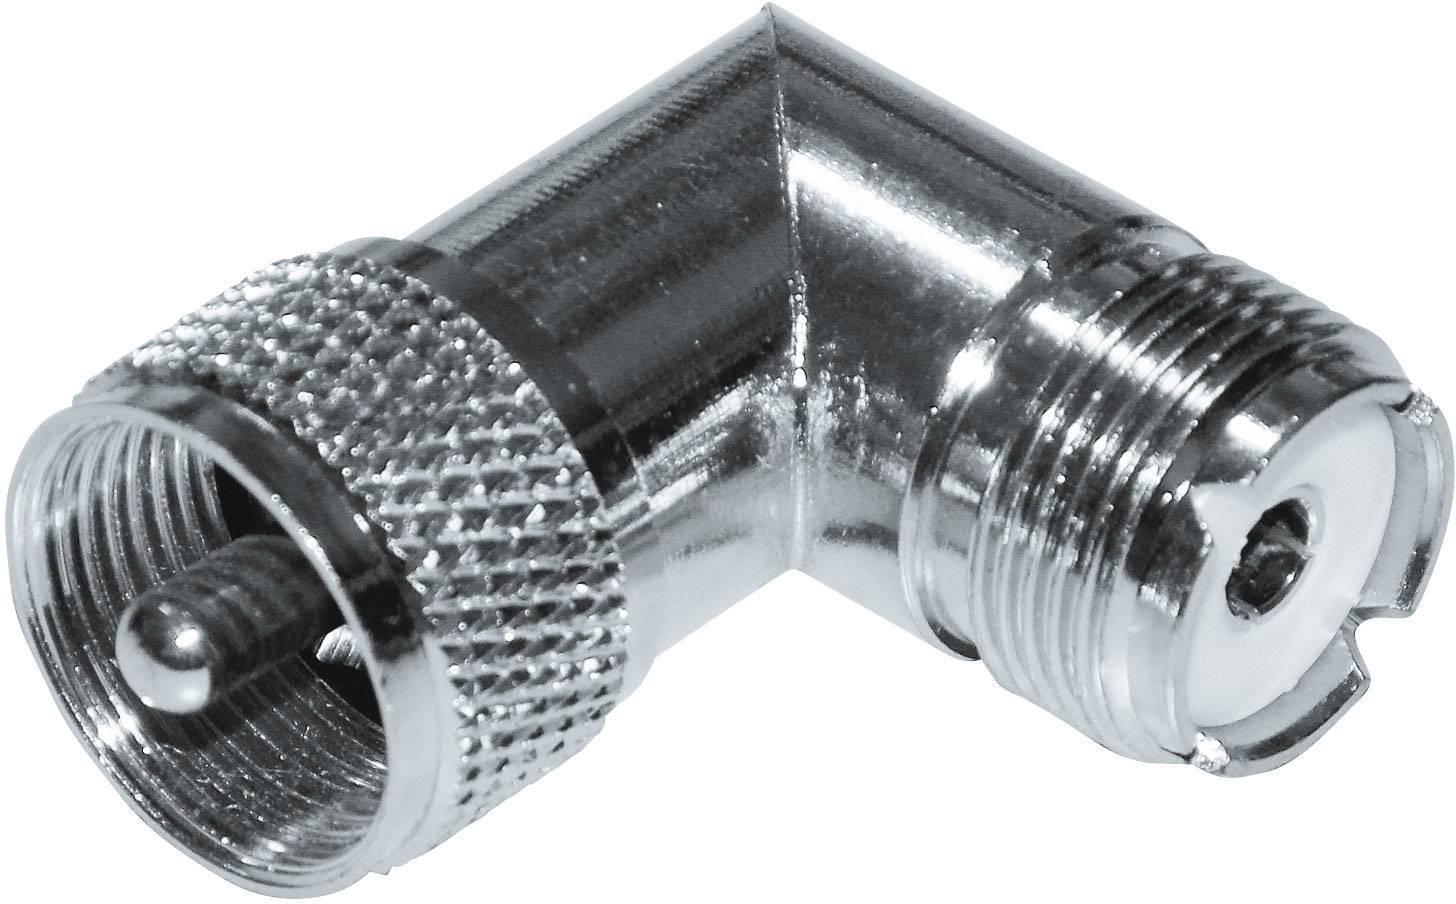 UHF zástrčka / UHF zásuvka, 50 Ω, M 359, adaptér úhlový, Izolace: Delrin, PTFE, DAP